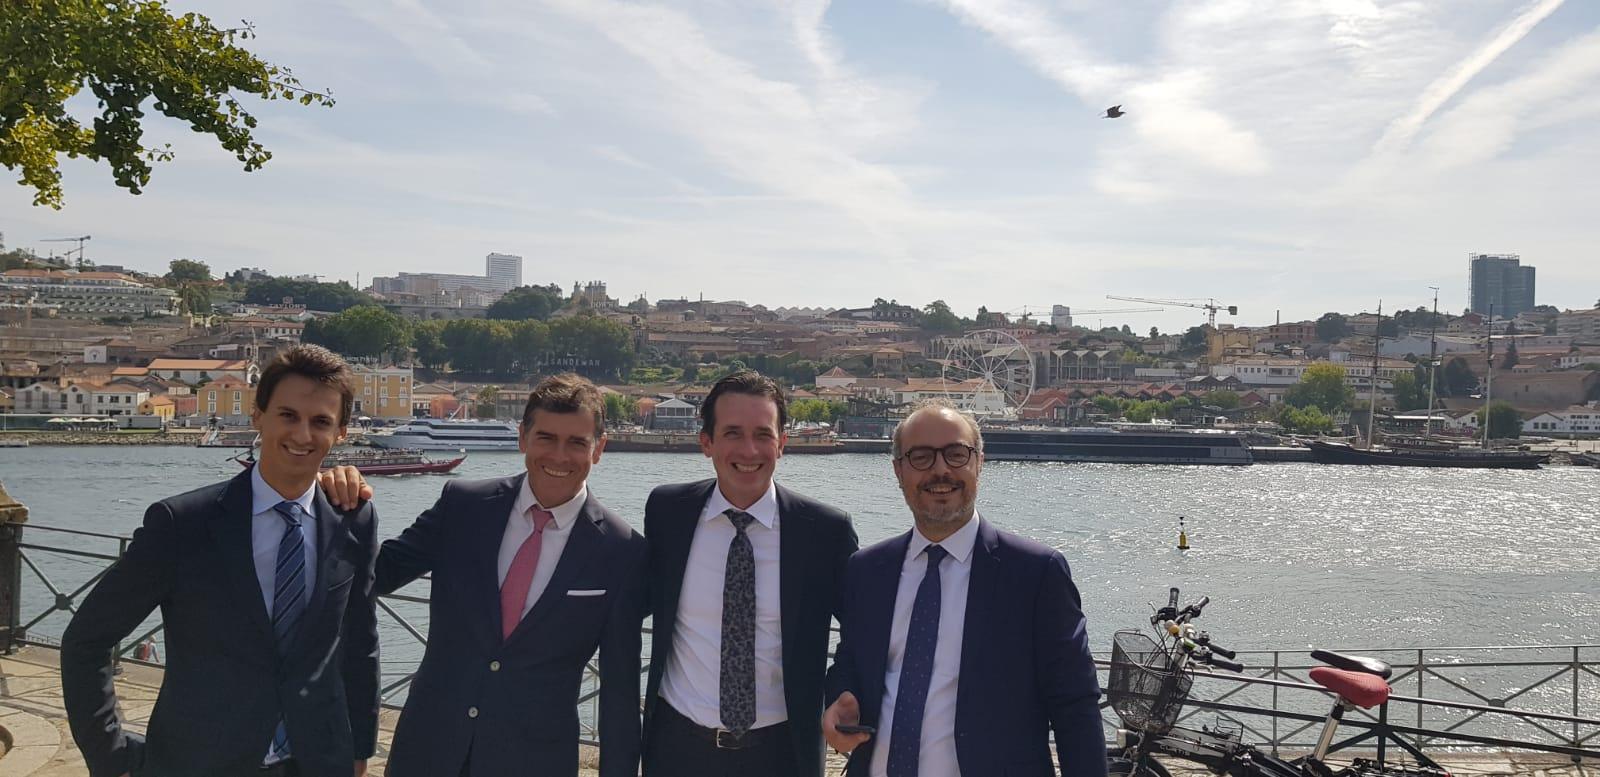 Àlex Plana, Quim Alastuey y Jordi Rovira junto a Hans de Crom, socio del despacho holandés de Rijppaert & Peeters